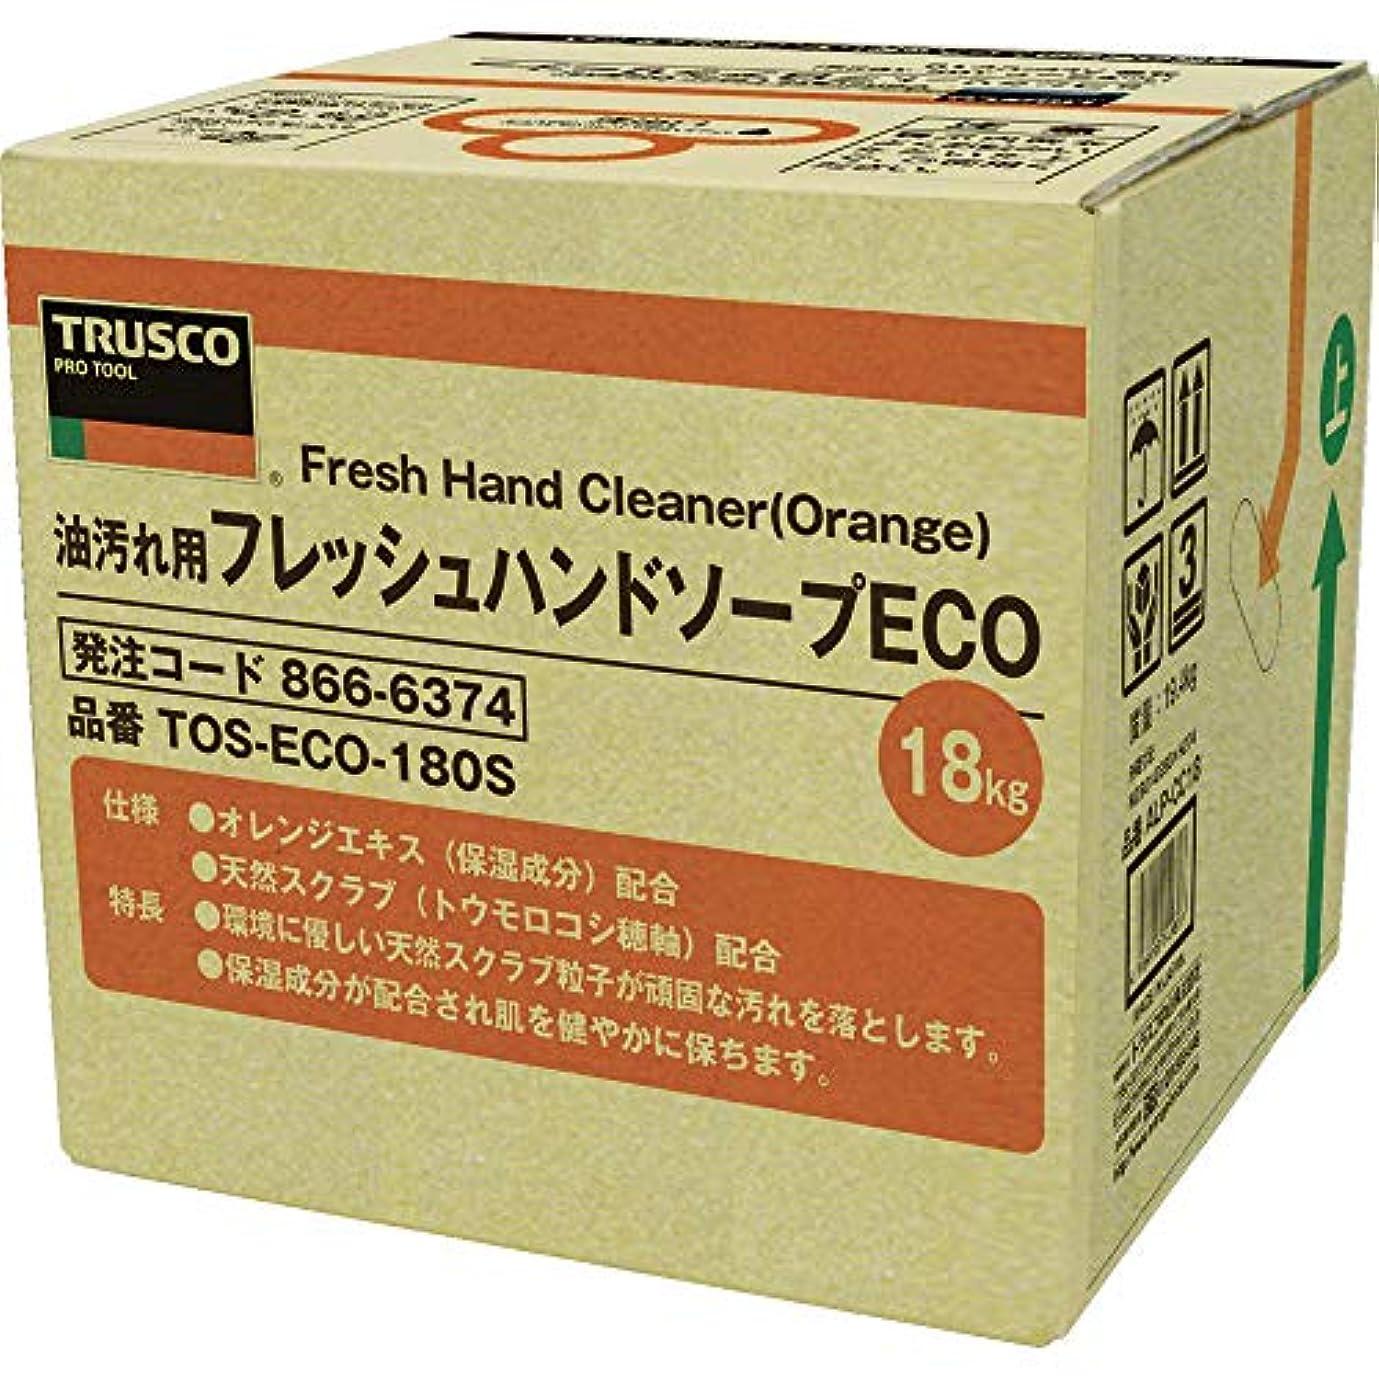 わずかな戦士インシュレータTRUSCO(トラスコ) フレッシュハンドソープECO 18L 詰替 バッグインボックス TOSECO180S